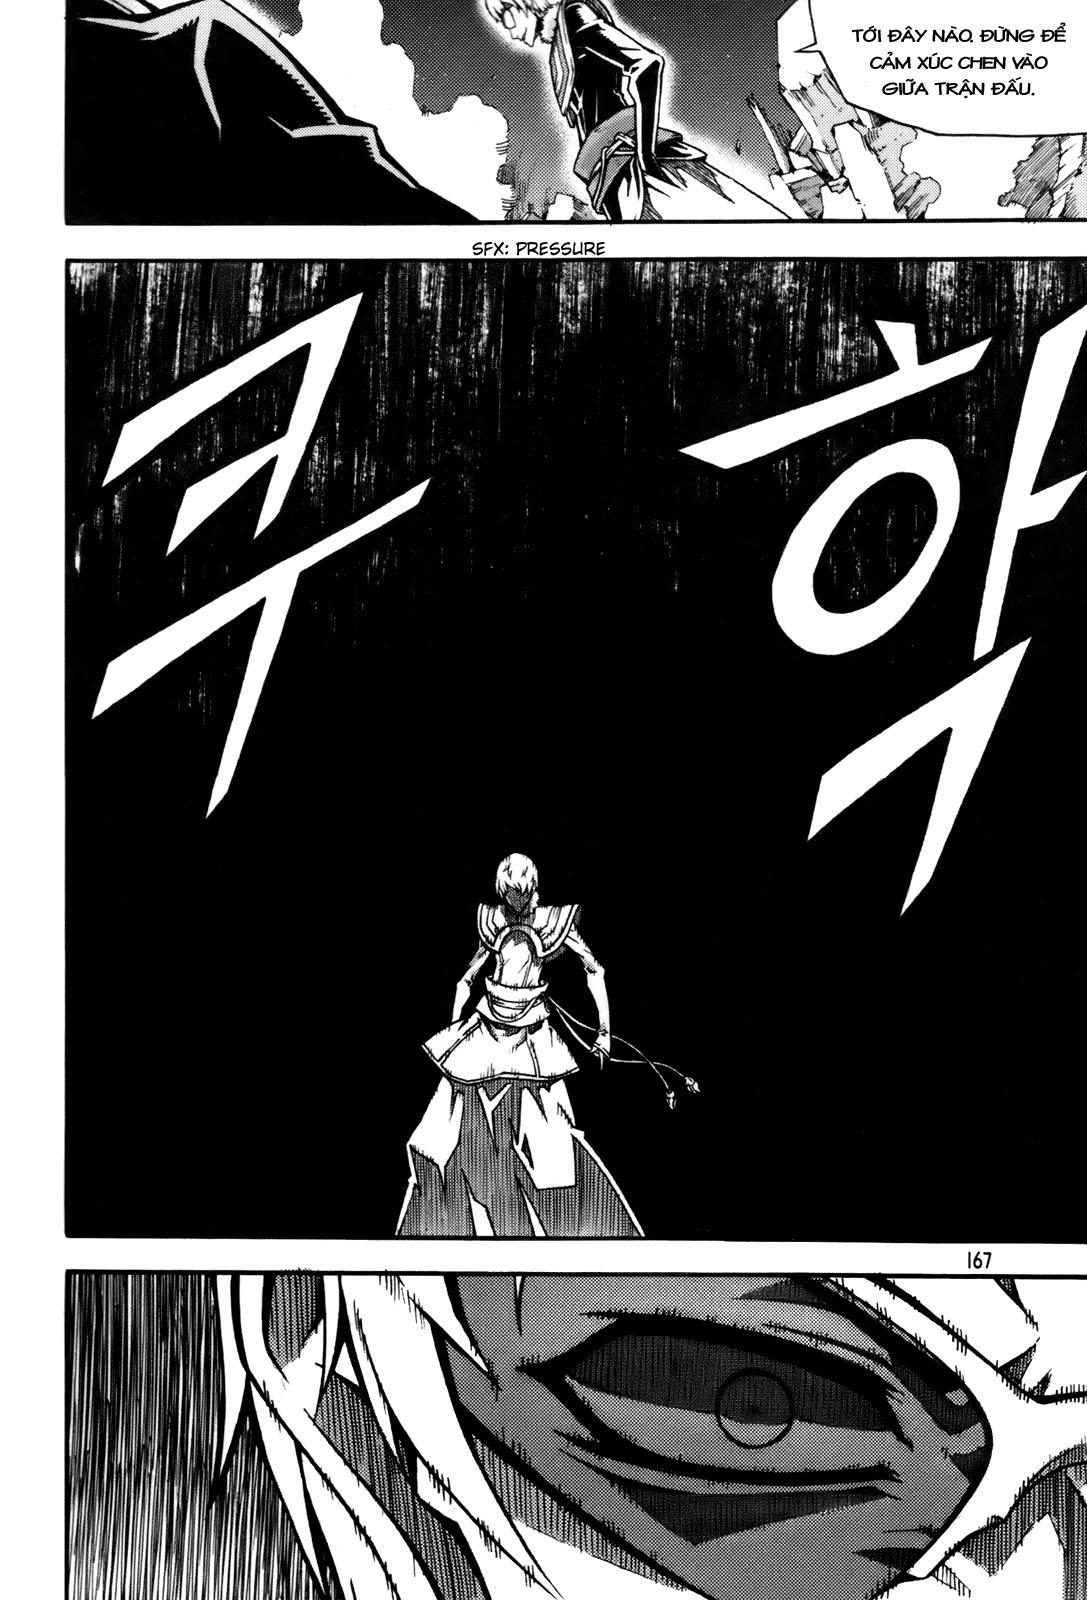 Witch Hunter – Thợ Săn Phù Thủy chap 58 Trang 18 - Mangak.info